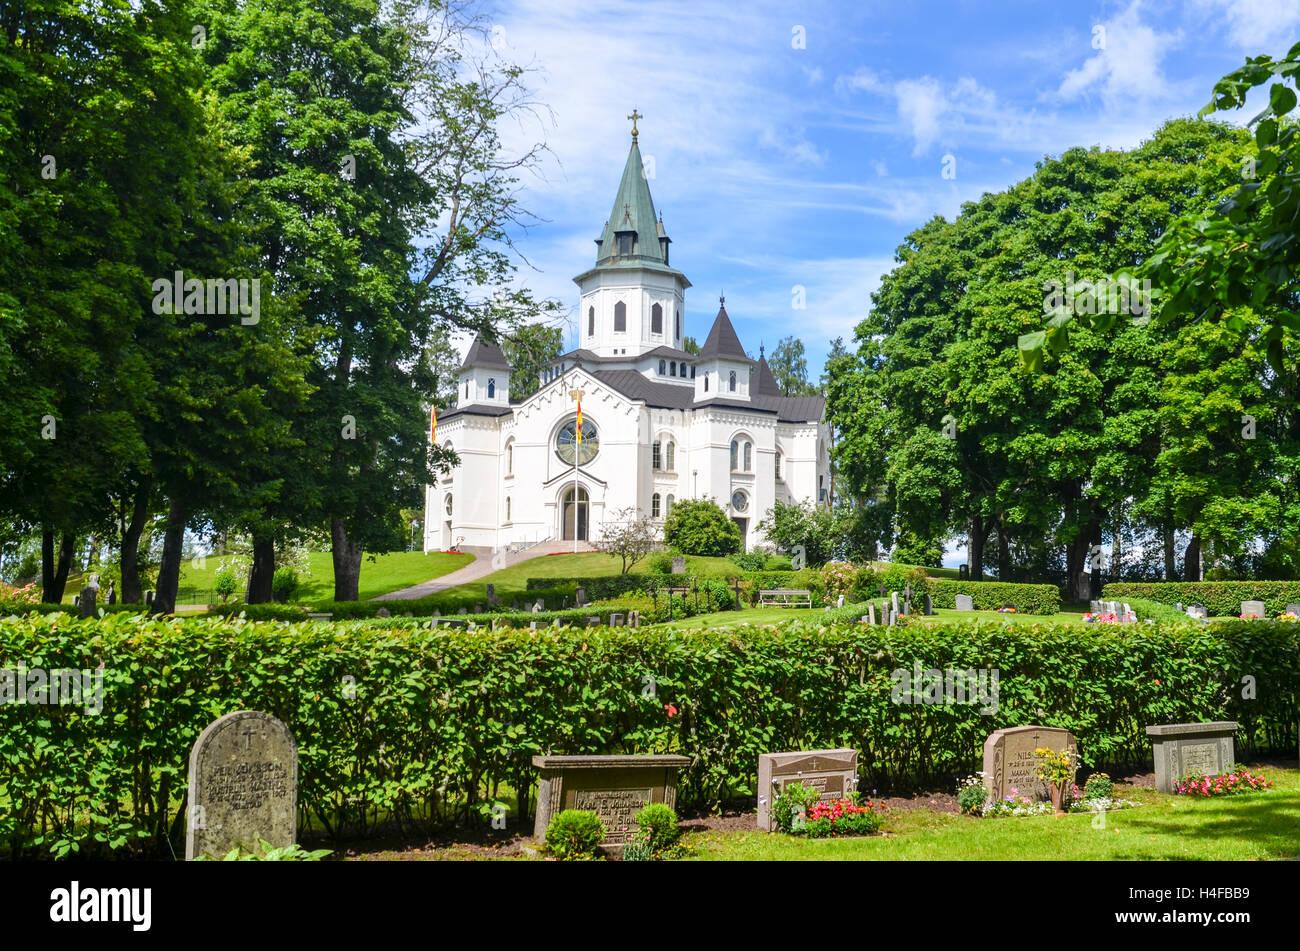 Église et cimetière en Suède, Sillerud Photo Stock